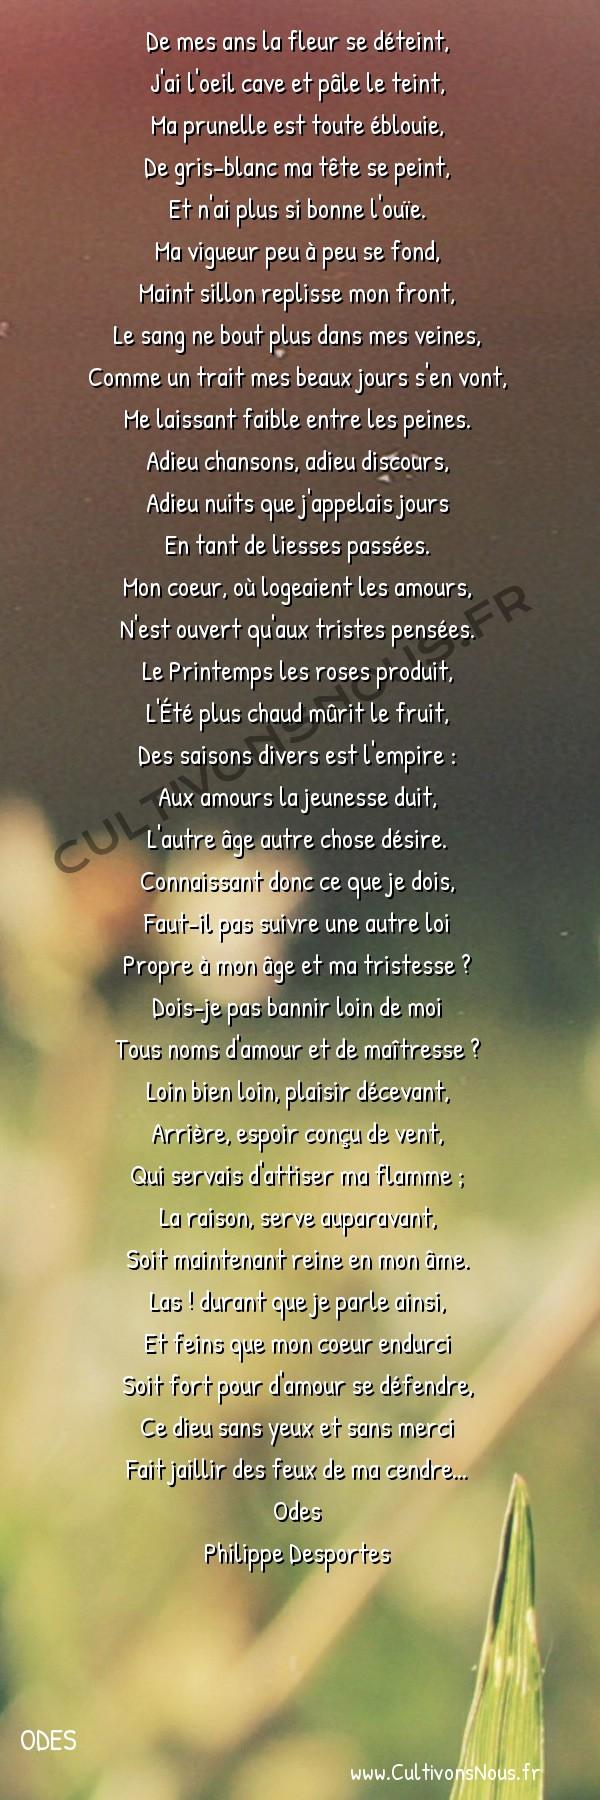 Poésie Philippe Desportes - Odes - De mes ans la fleur se déteint -  De mes ans la fleur se déteint, J'ai l'oeil cave et pâle le teint,